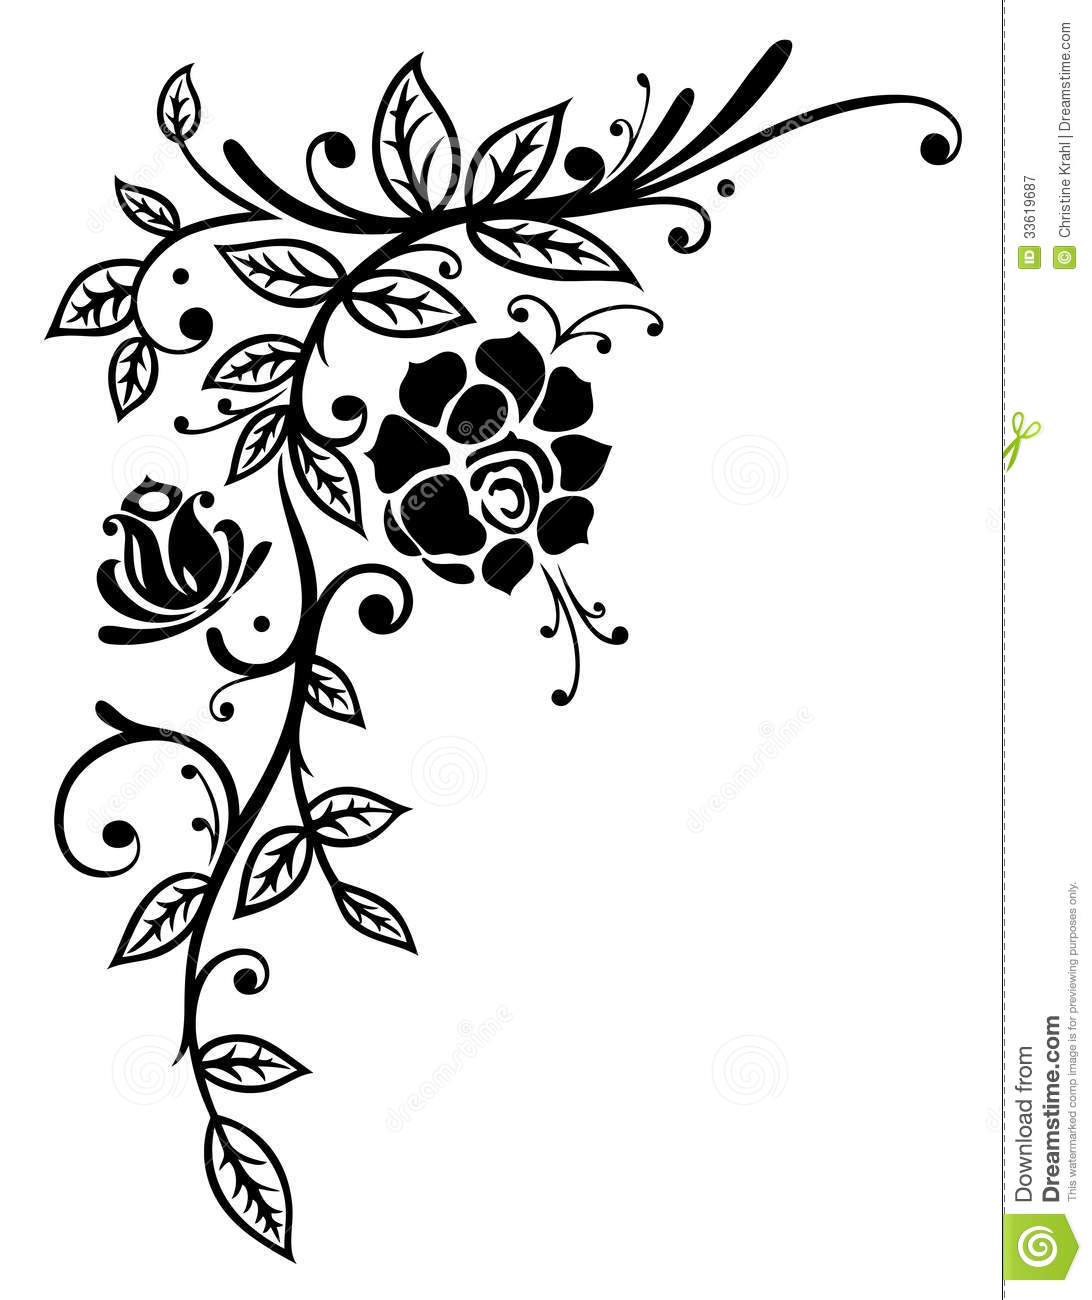 Rose border clipart black and white